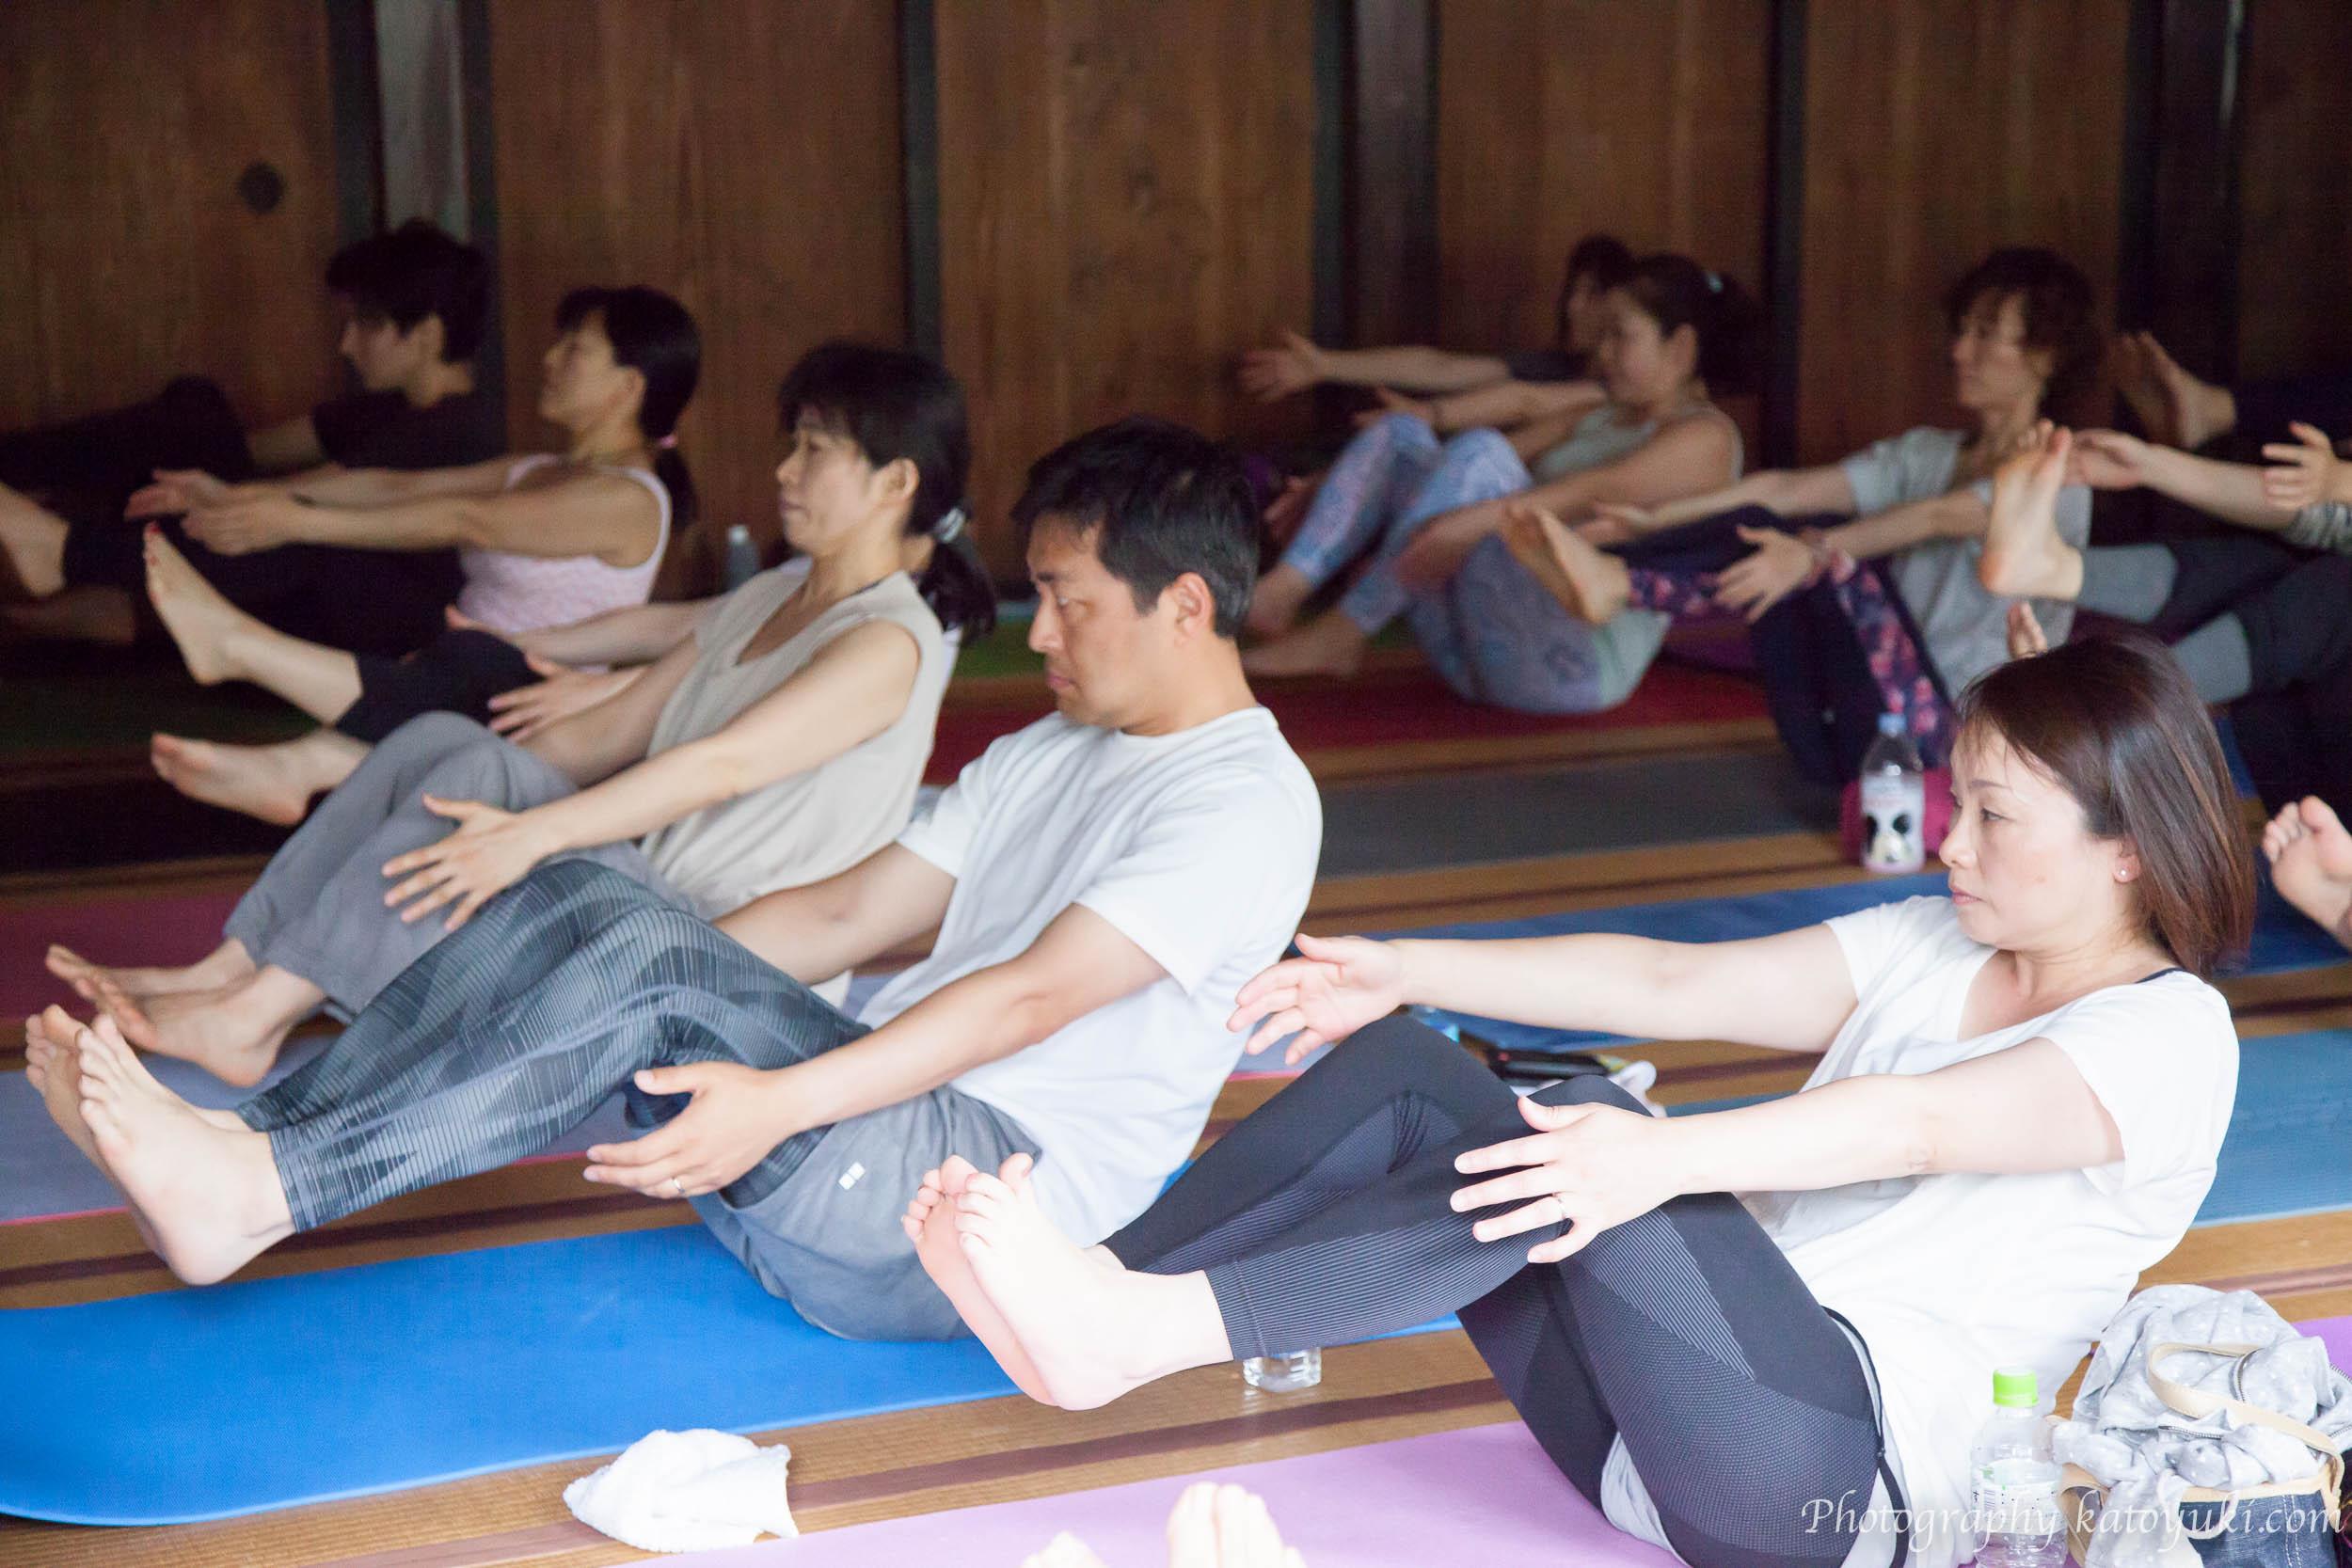 八王子ヨガ祭り「繋がりを感じるノンストレスヨガ」Naoto